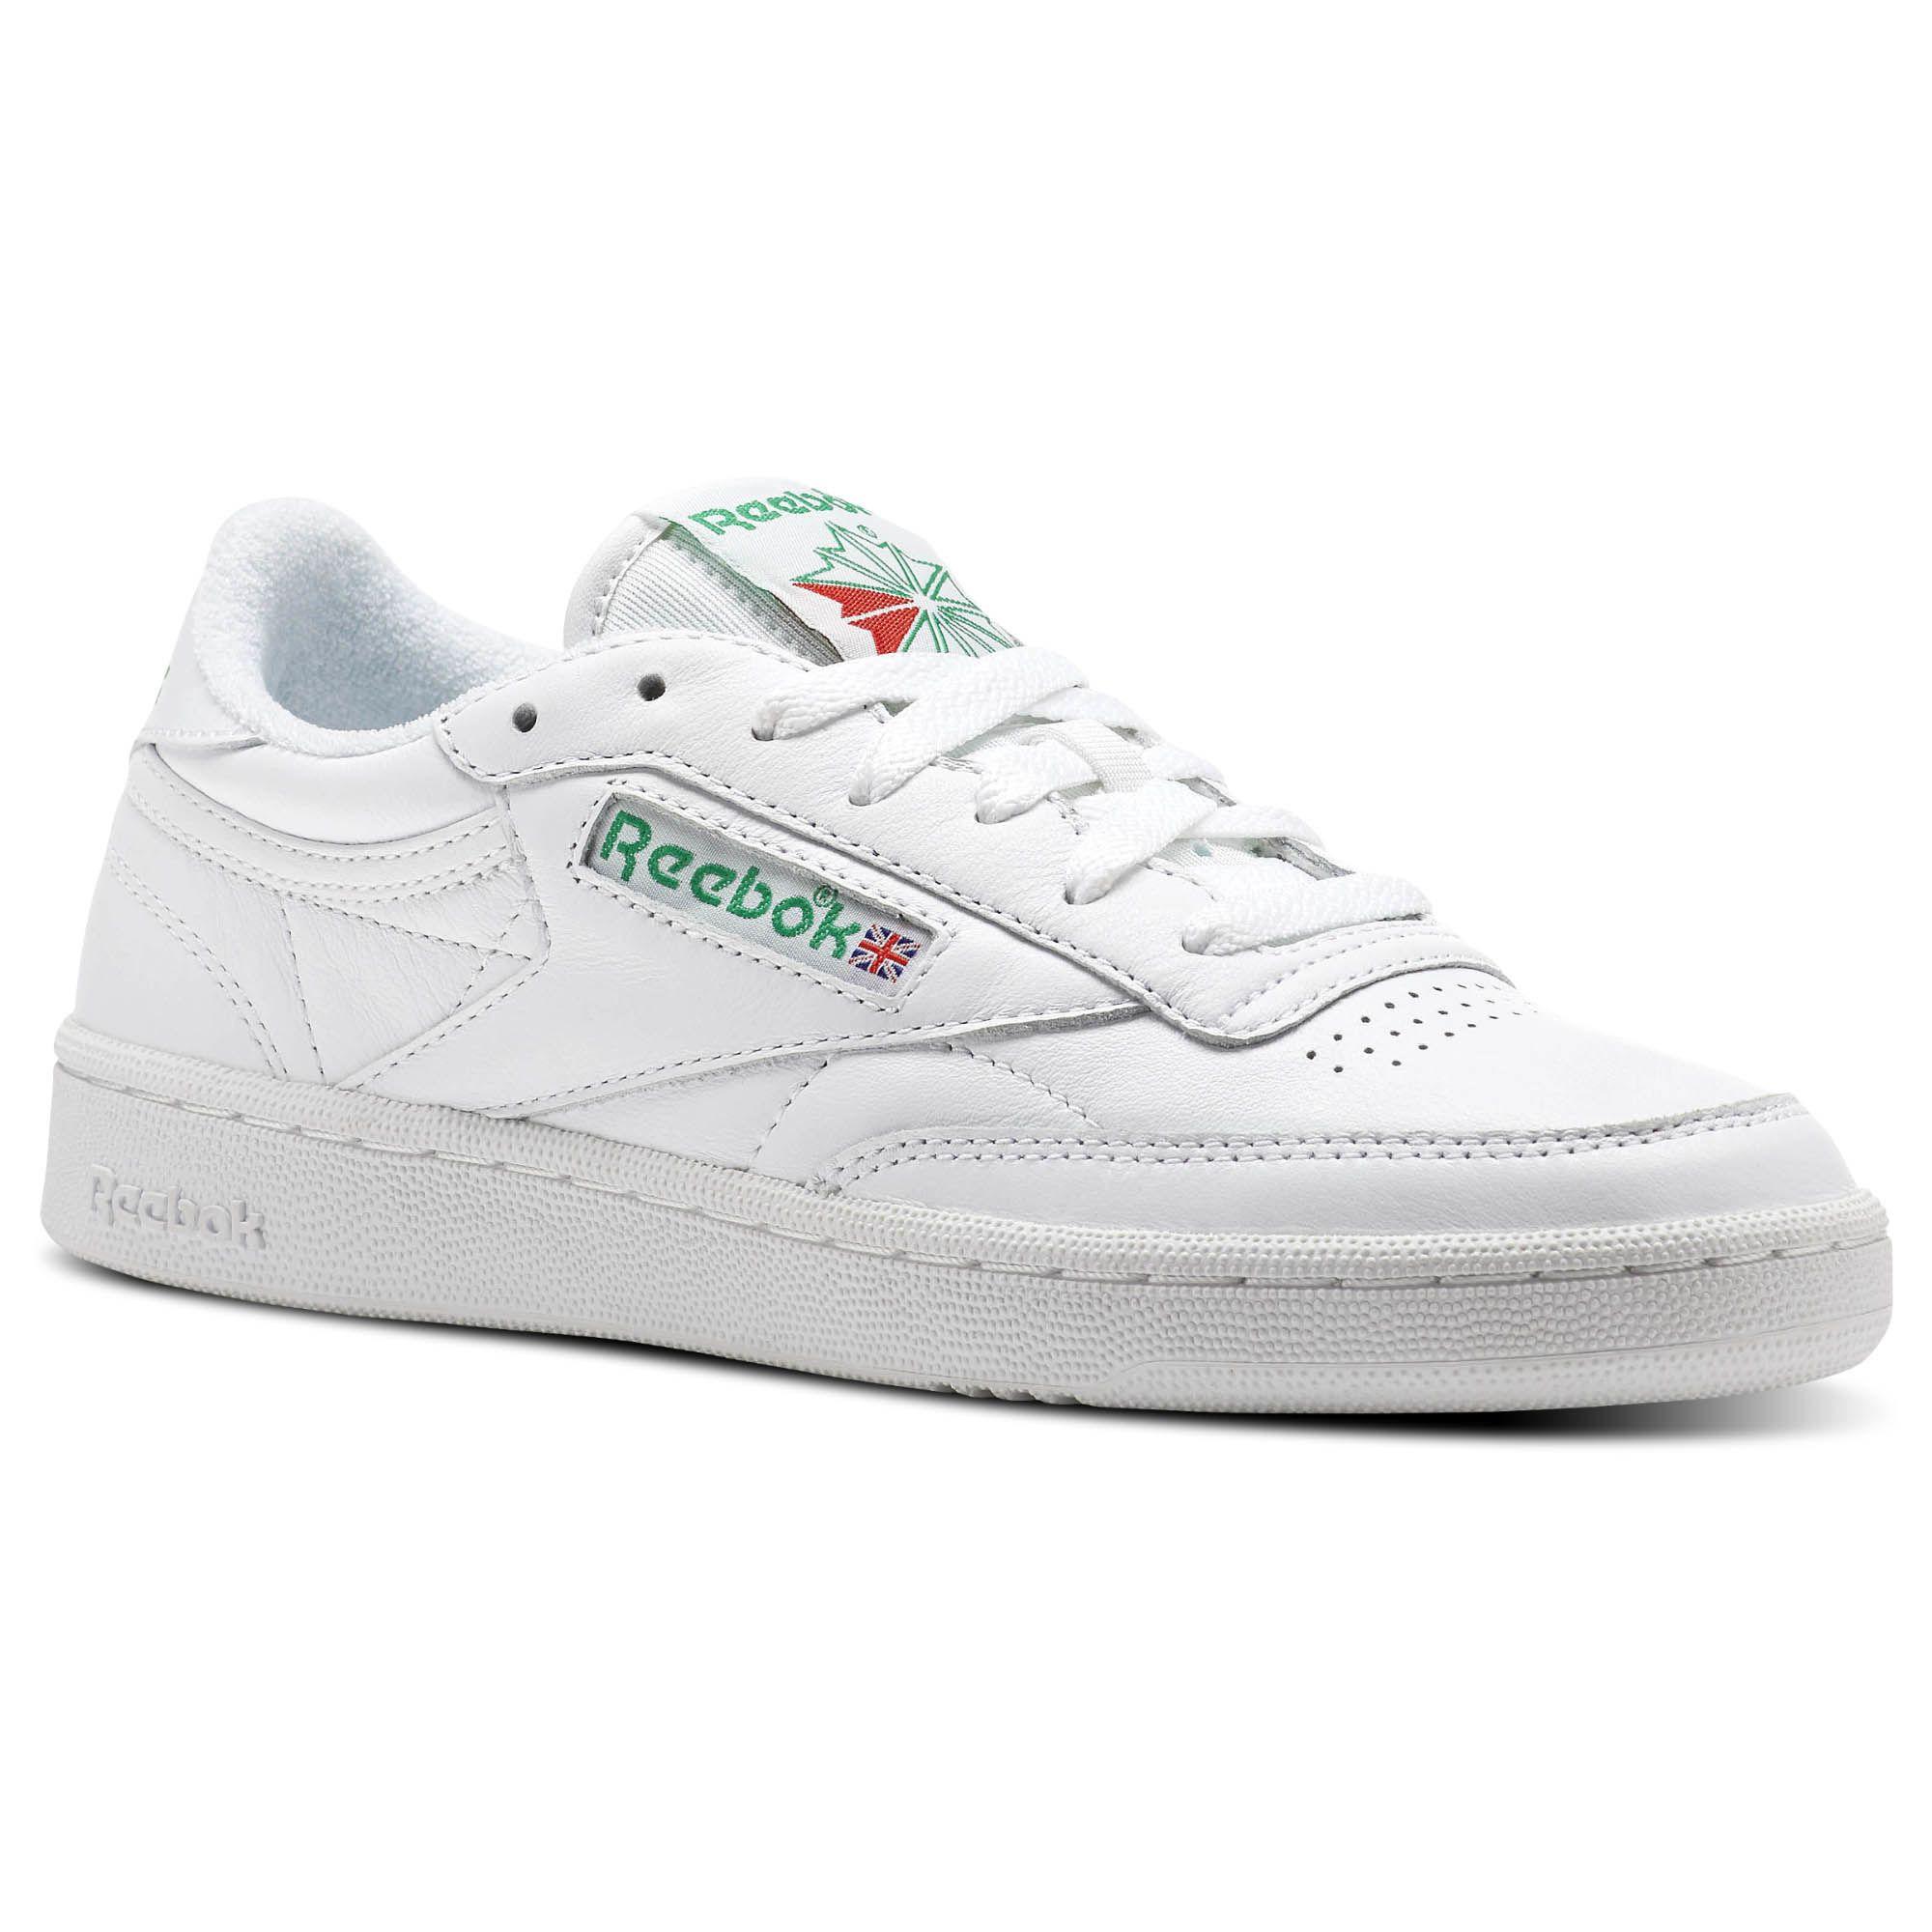 Sneakers, Reebok shoes, Reebok club